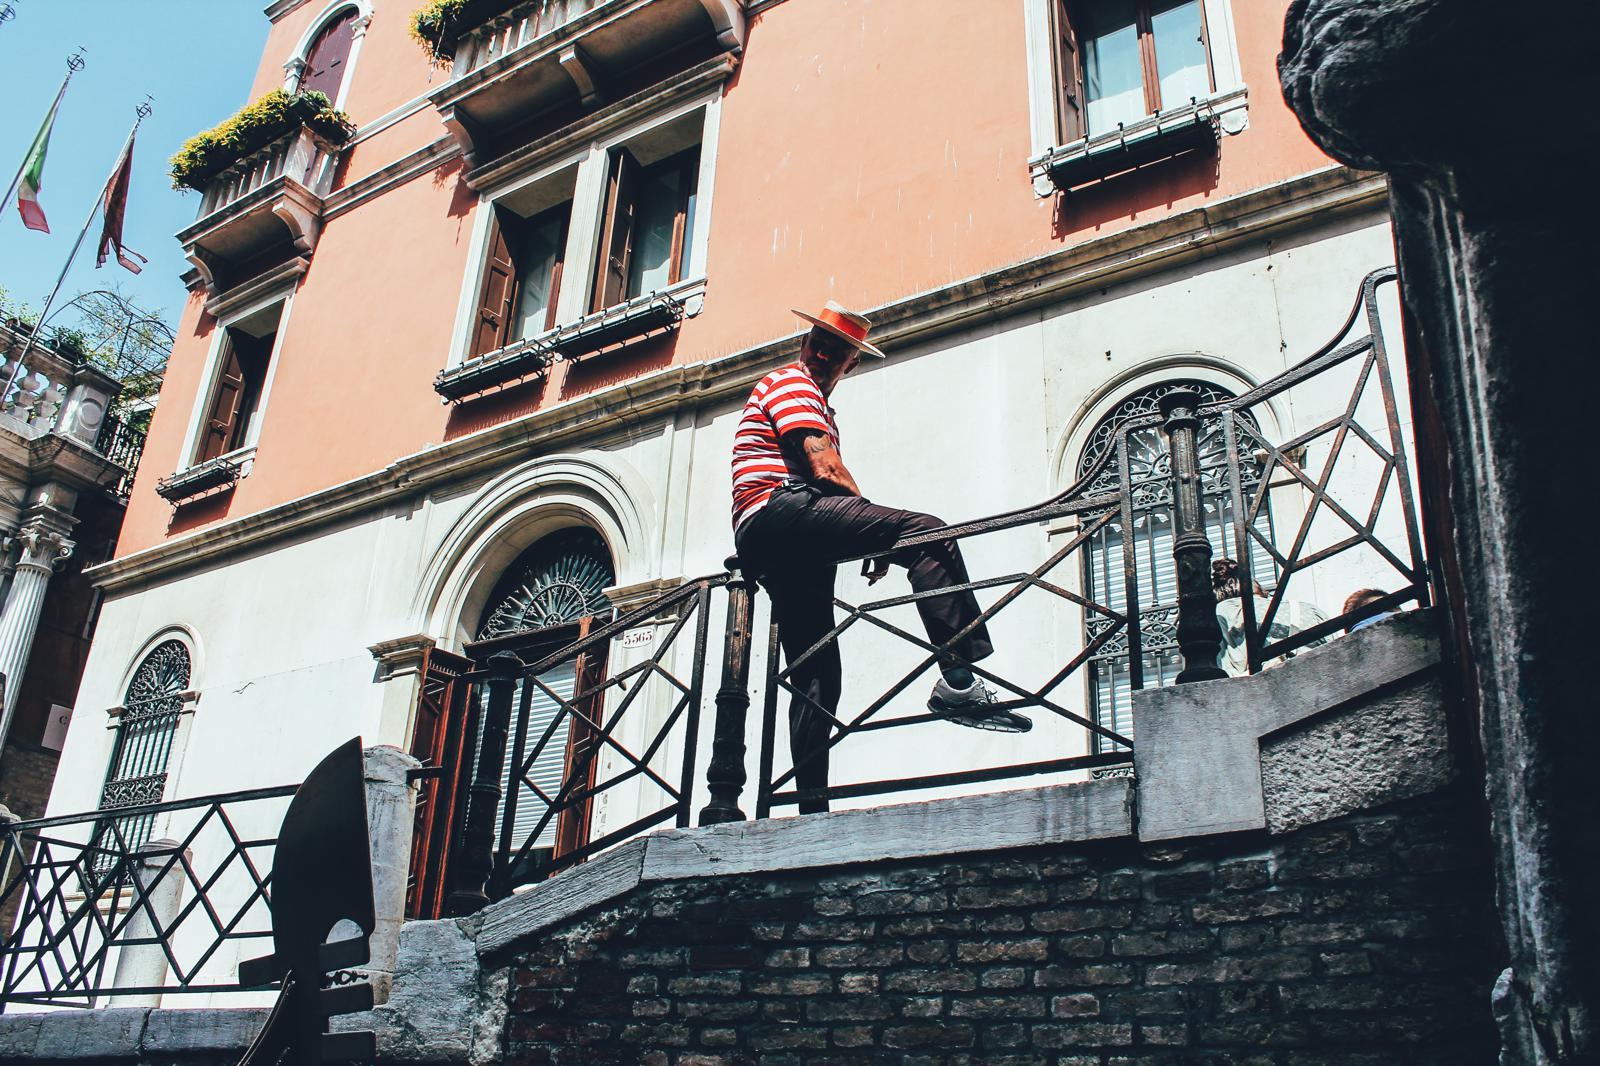 Venice - A Photo Diary. Italy, Europe (18)